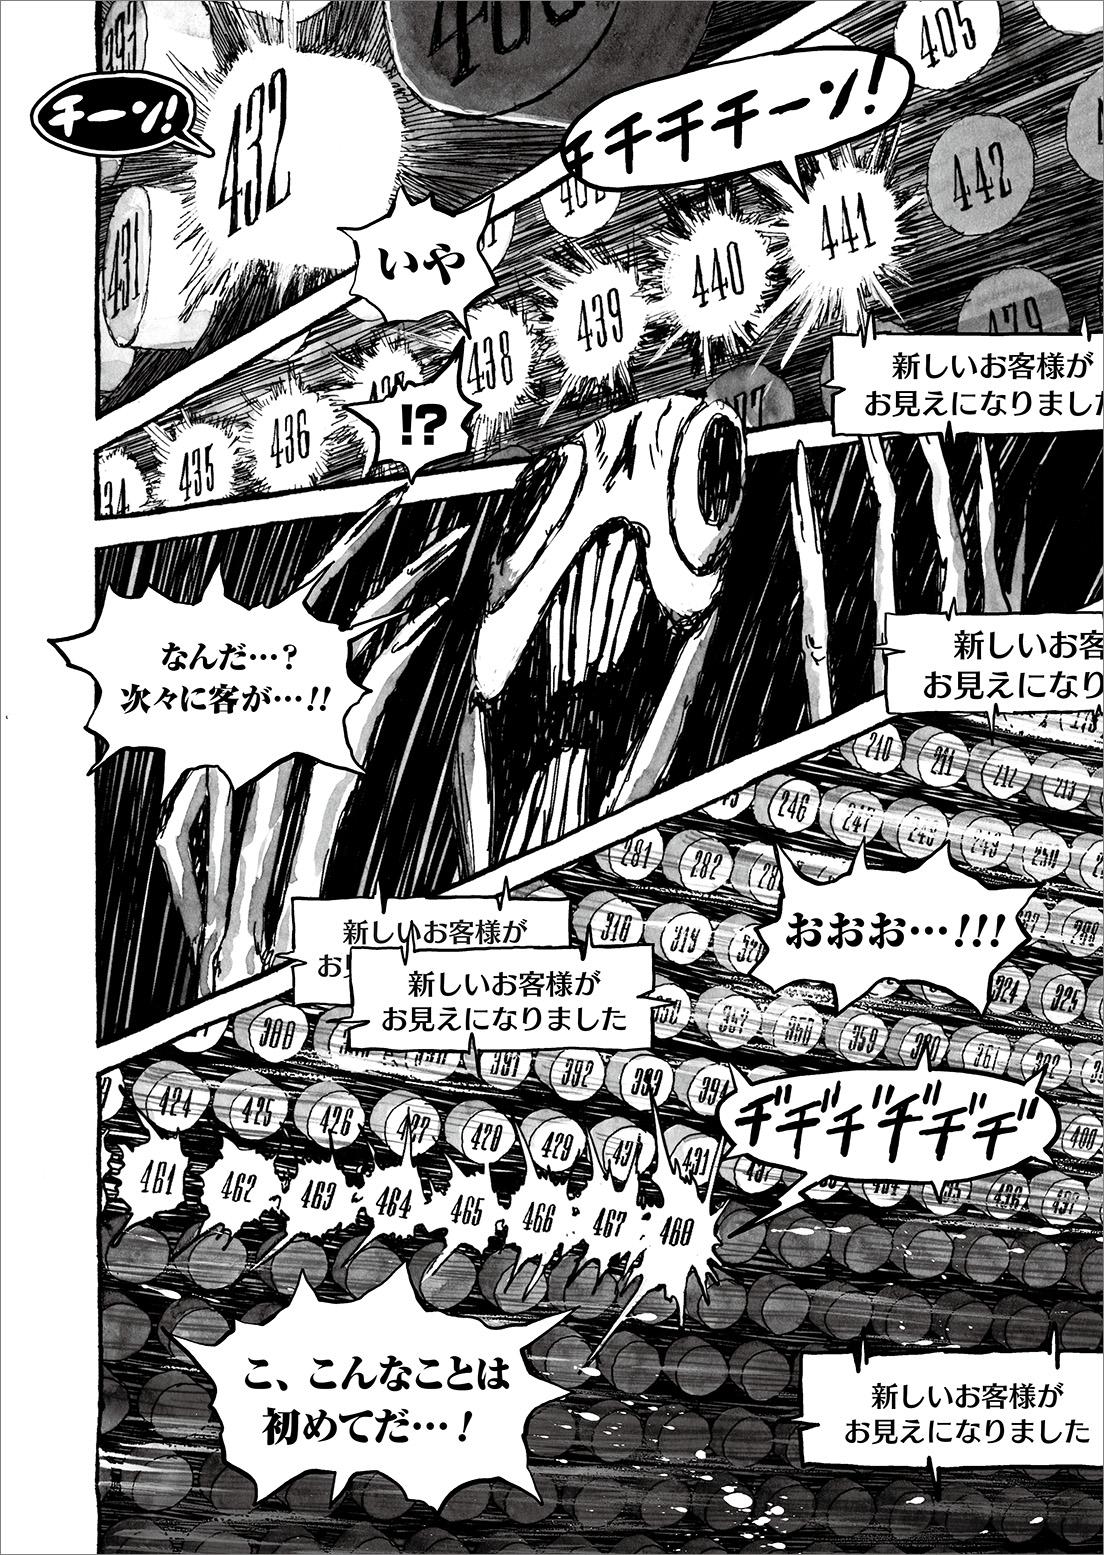 長編漫画「BIBLIOMANIA」第8話「来客」22P